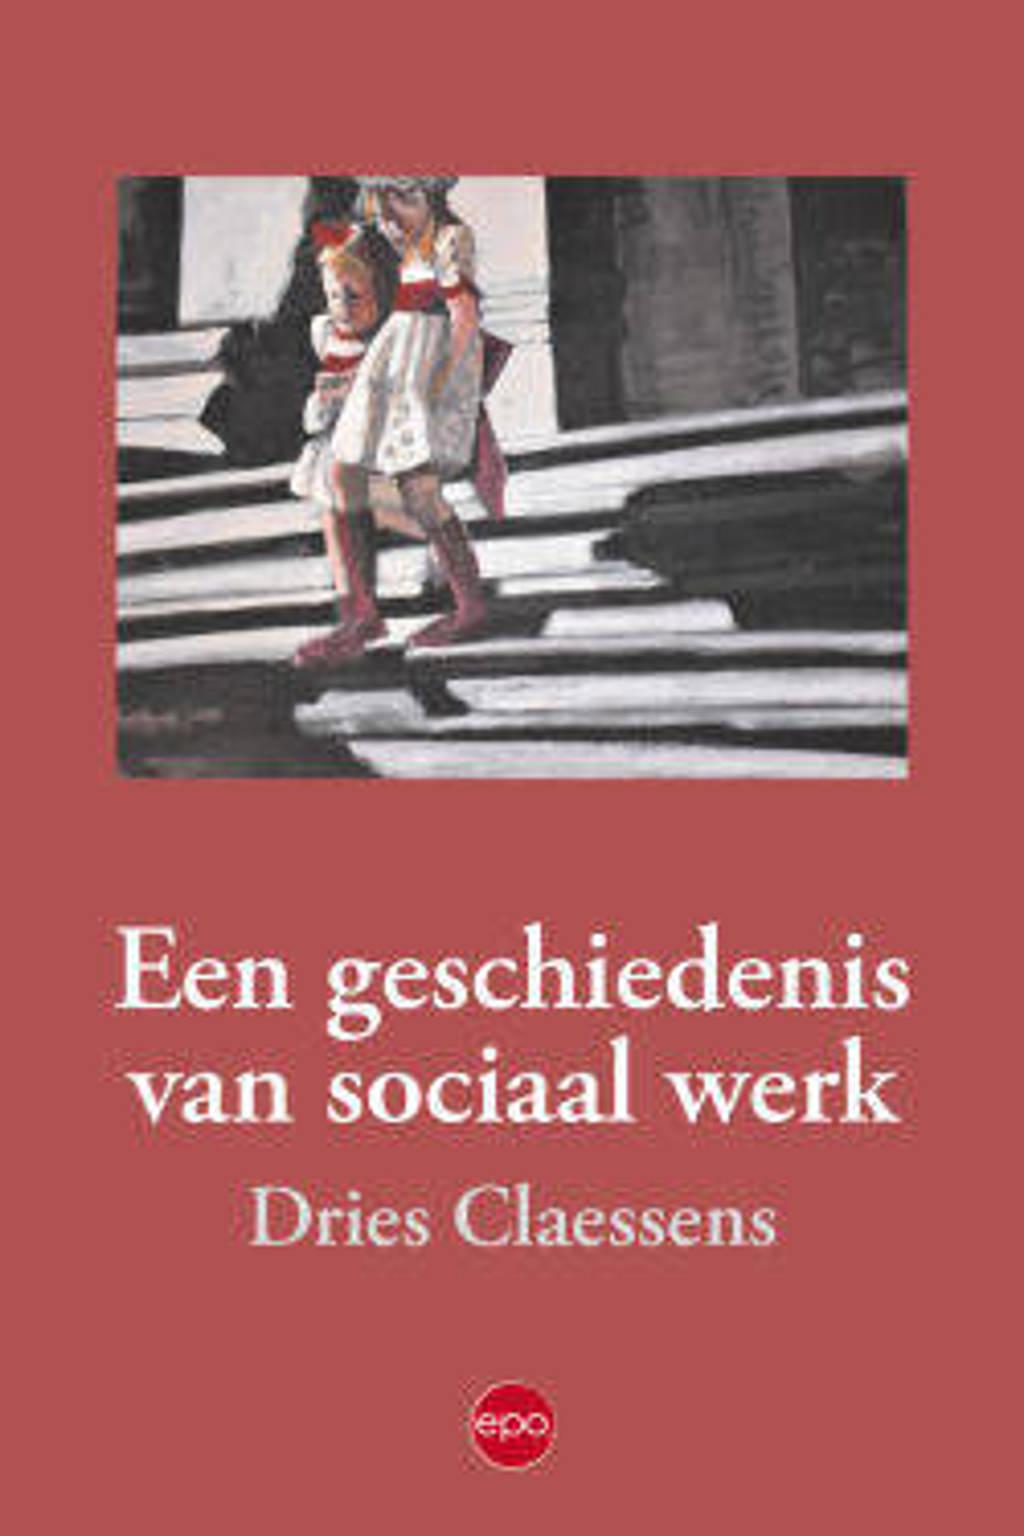 Een geschiedenis van sociaal werk - Dries Claessens